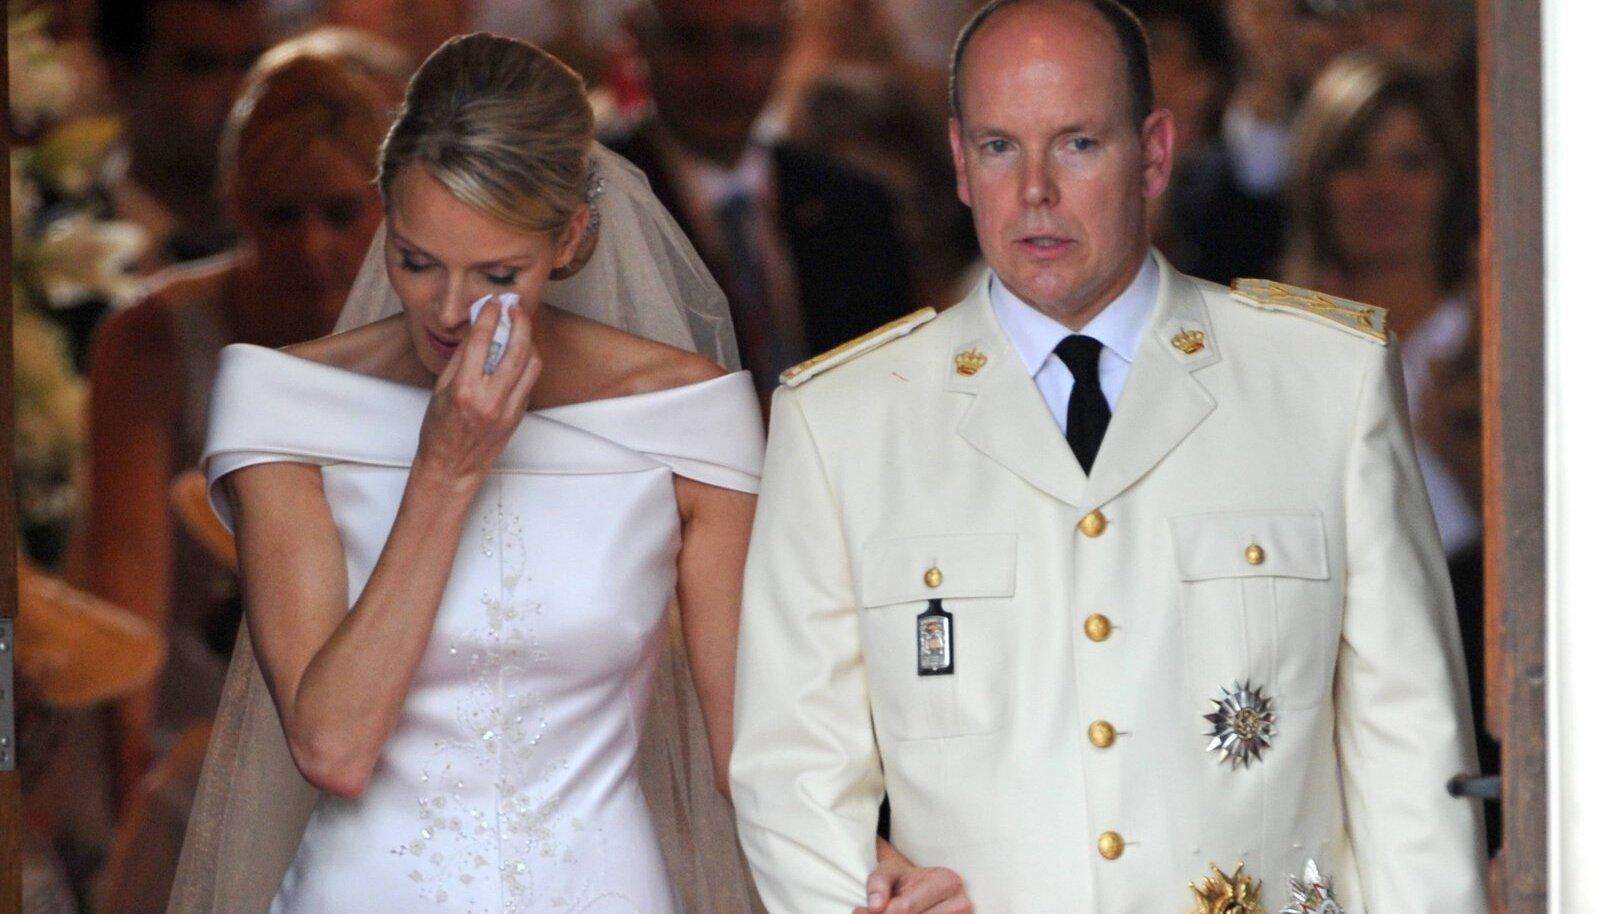 PISARAD PULMAPÄEVAL Printsess Charlene nuttis lohutamatult juba oma pulmatseremoonia ajal. Väidetavalt üritas ta Monacost põgeneda juba enne pulmi.